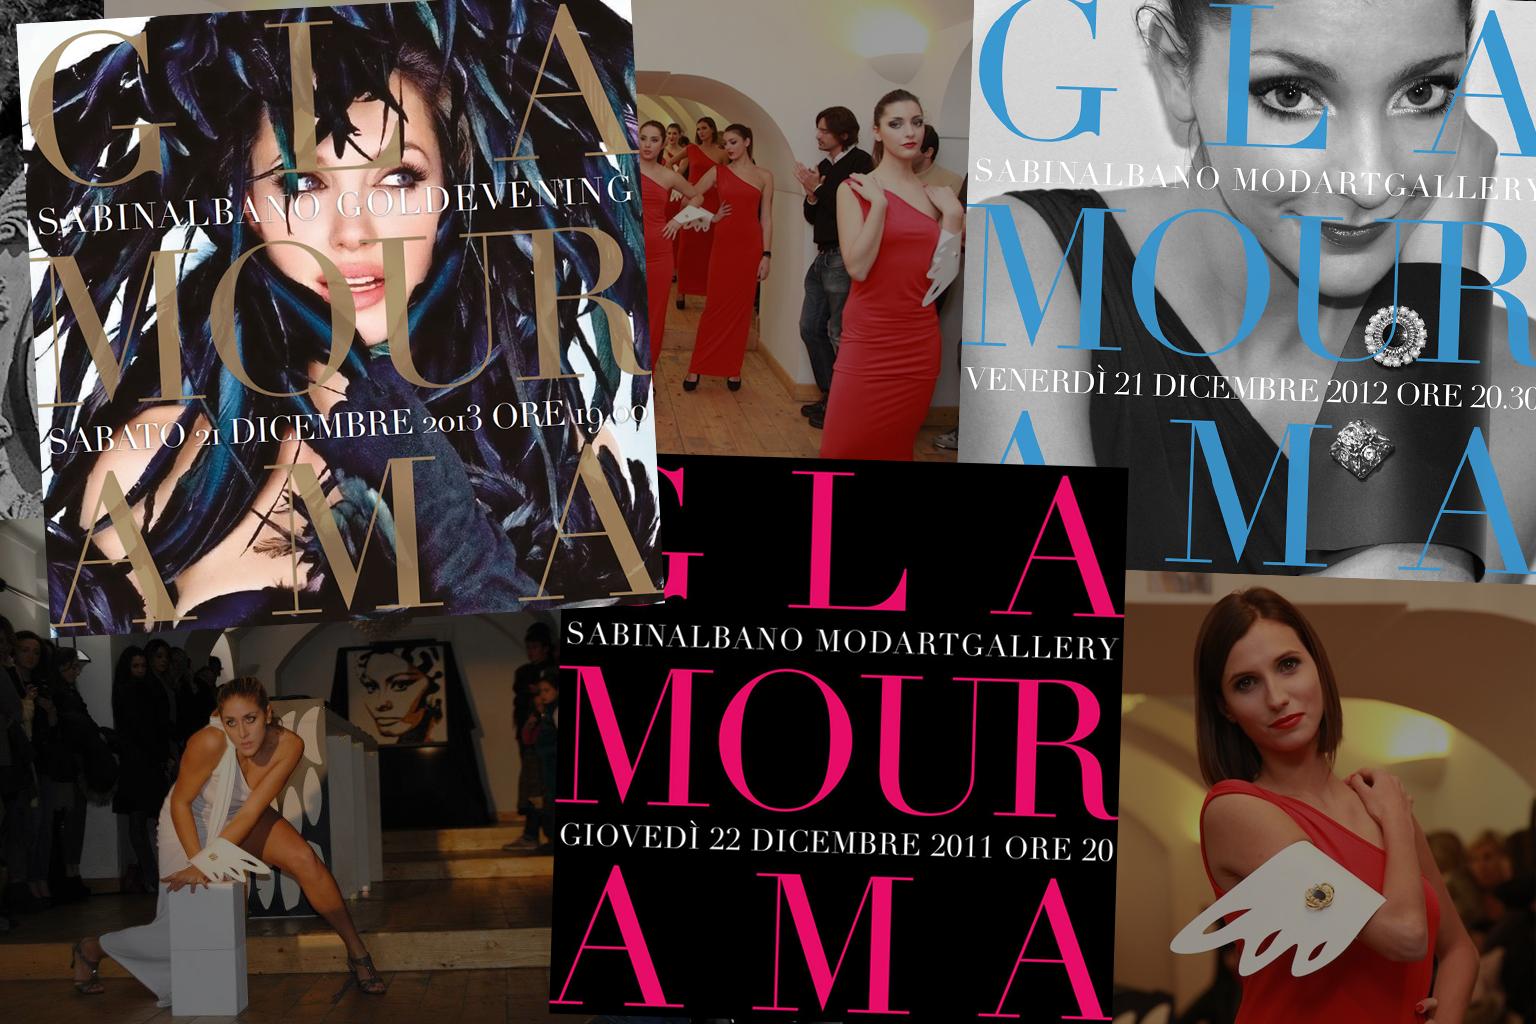 Glamourama events